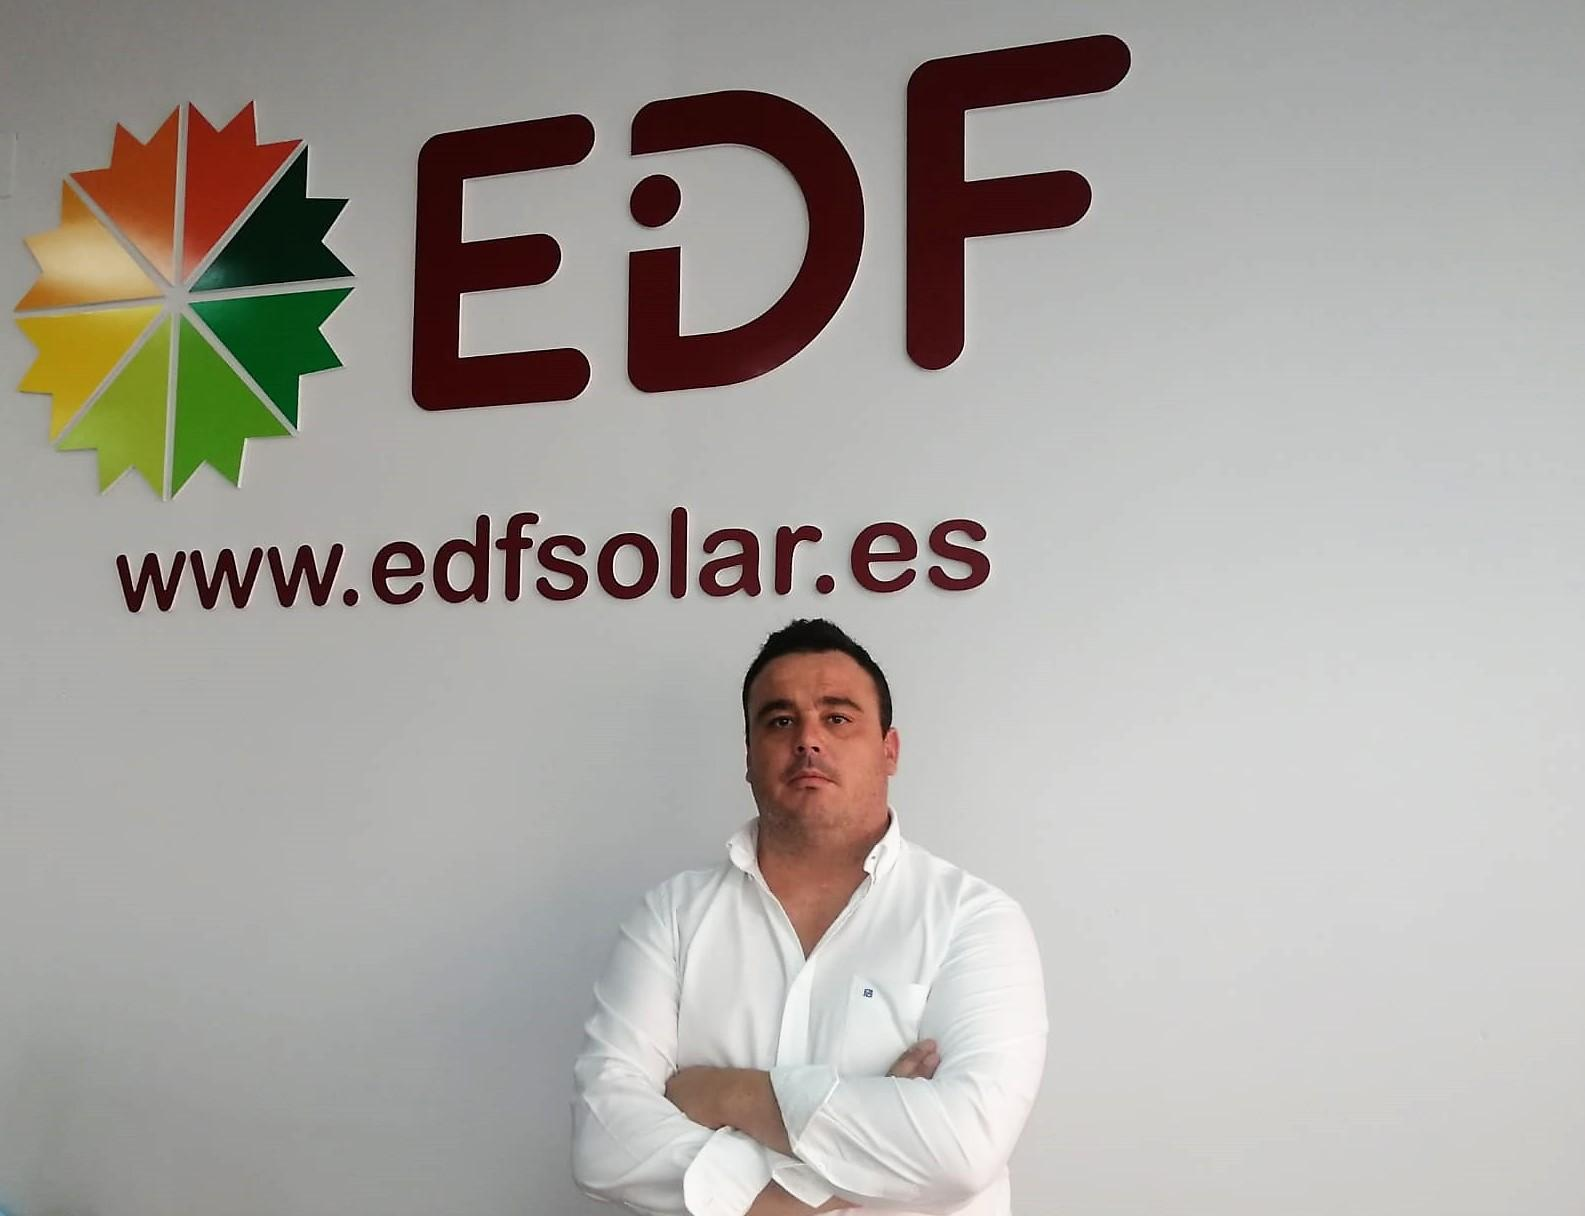 Vicente Gómez - delegado comercial de Castilla La Mancha de Eidf Solar- expertos en autoconsumo fotovoltaico